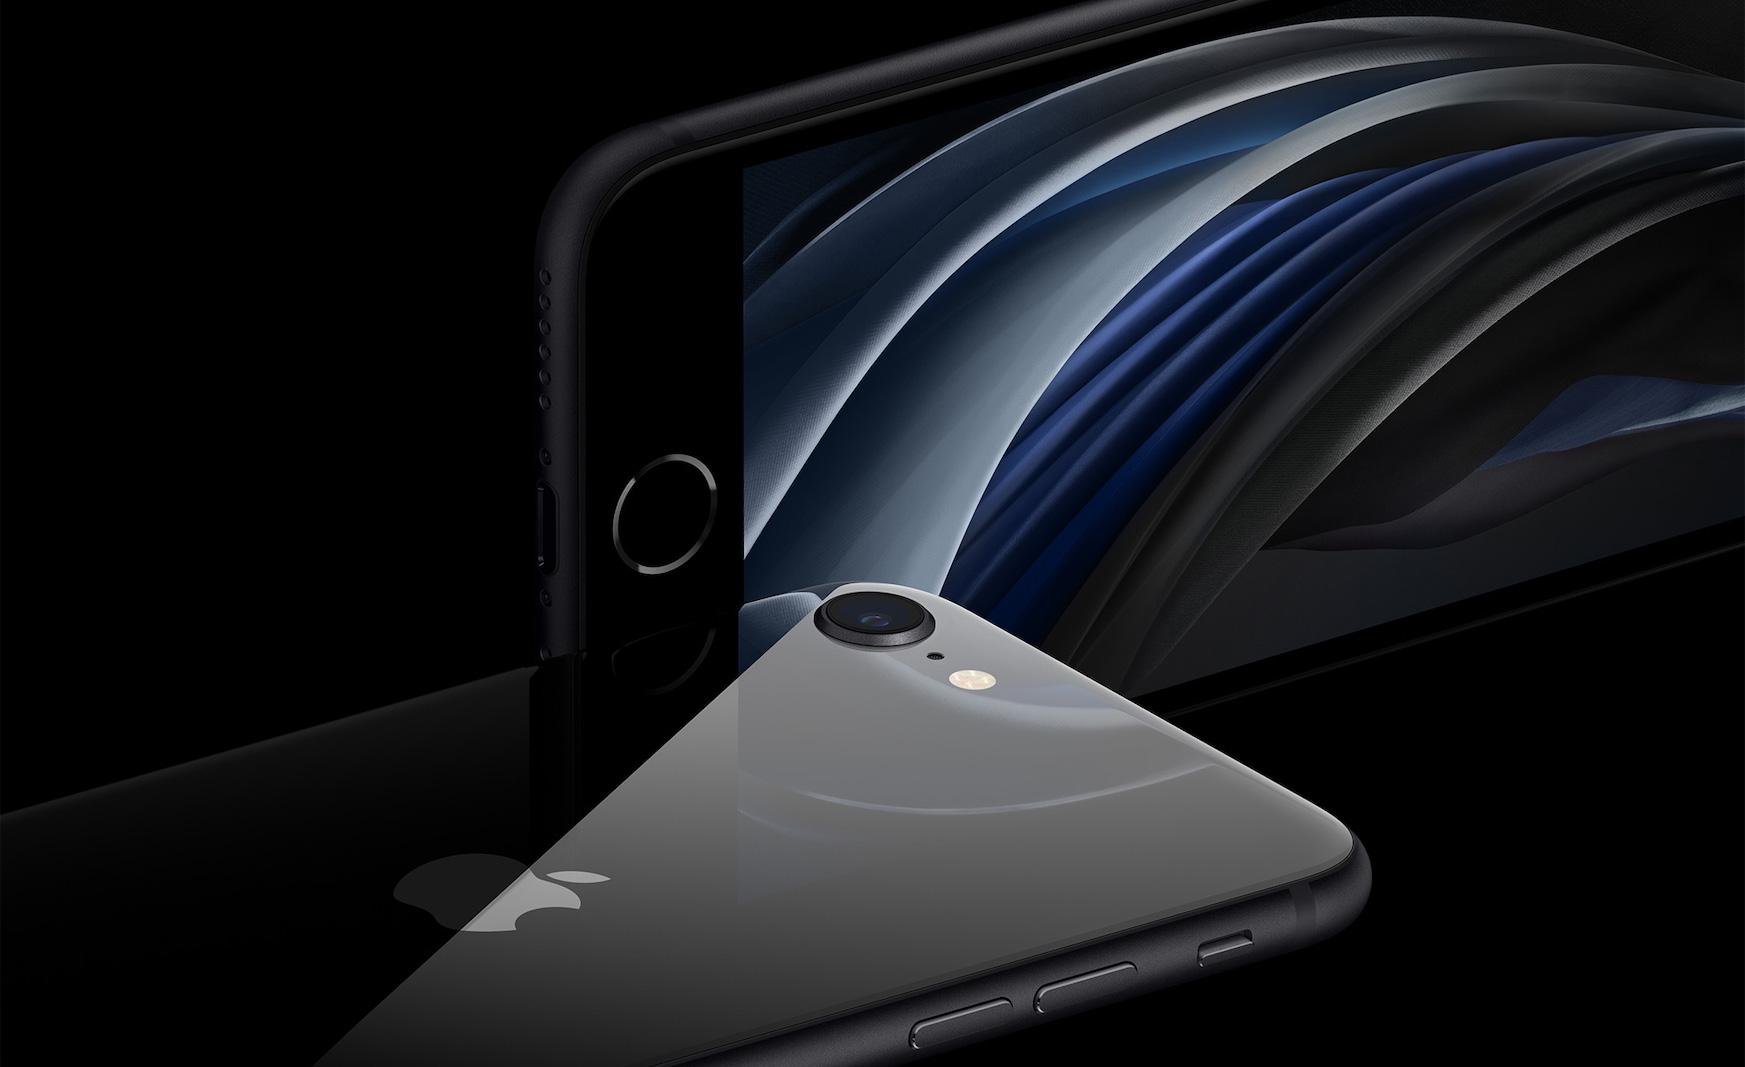 Hemen duzu iPhone SE berria - museoaren aurrealdean, batxilergoaren barruan